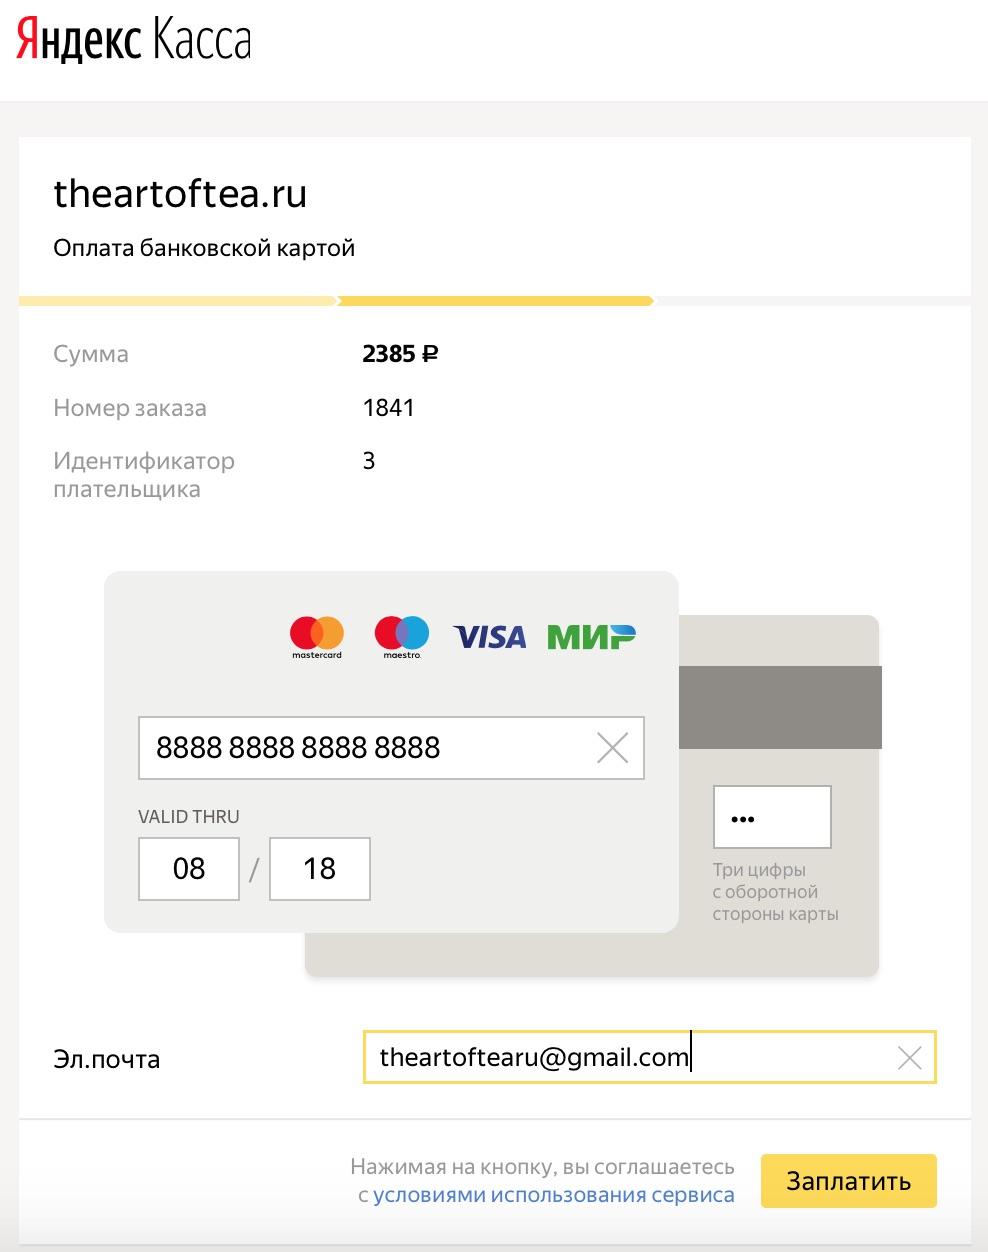 Как сделать оплату интернет магазина сайт астраханская транспортной компании